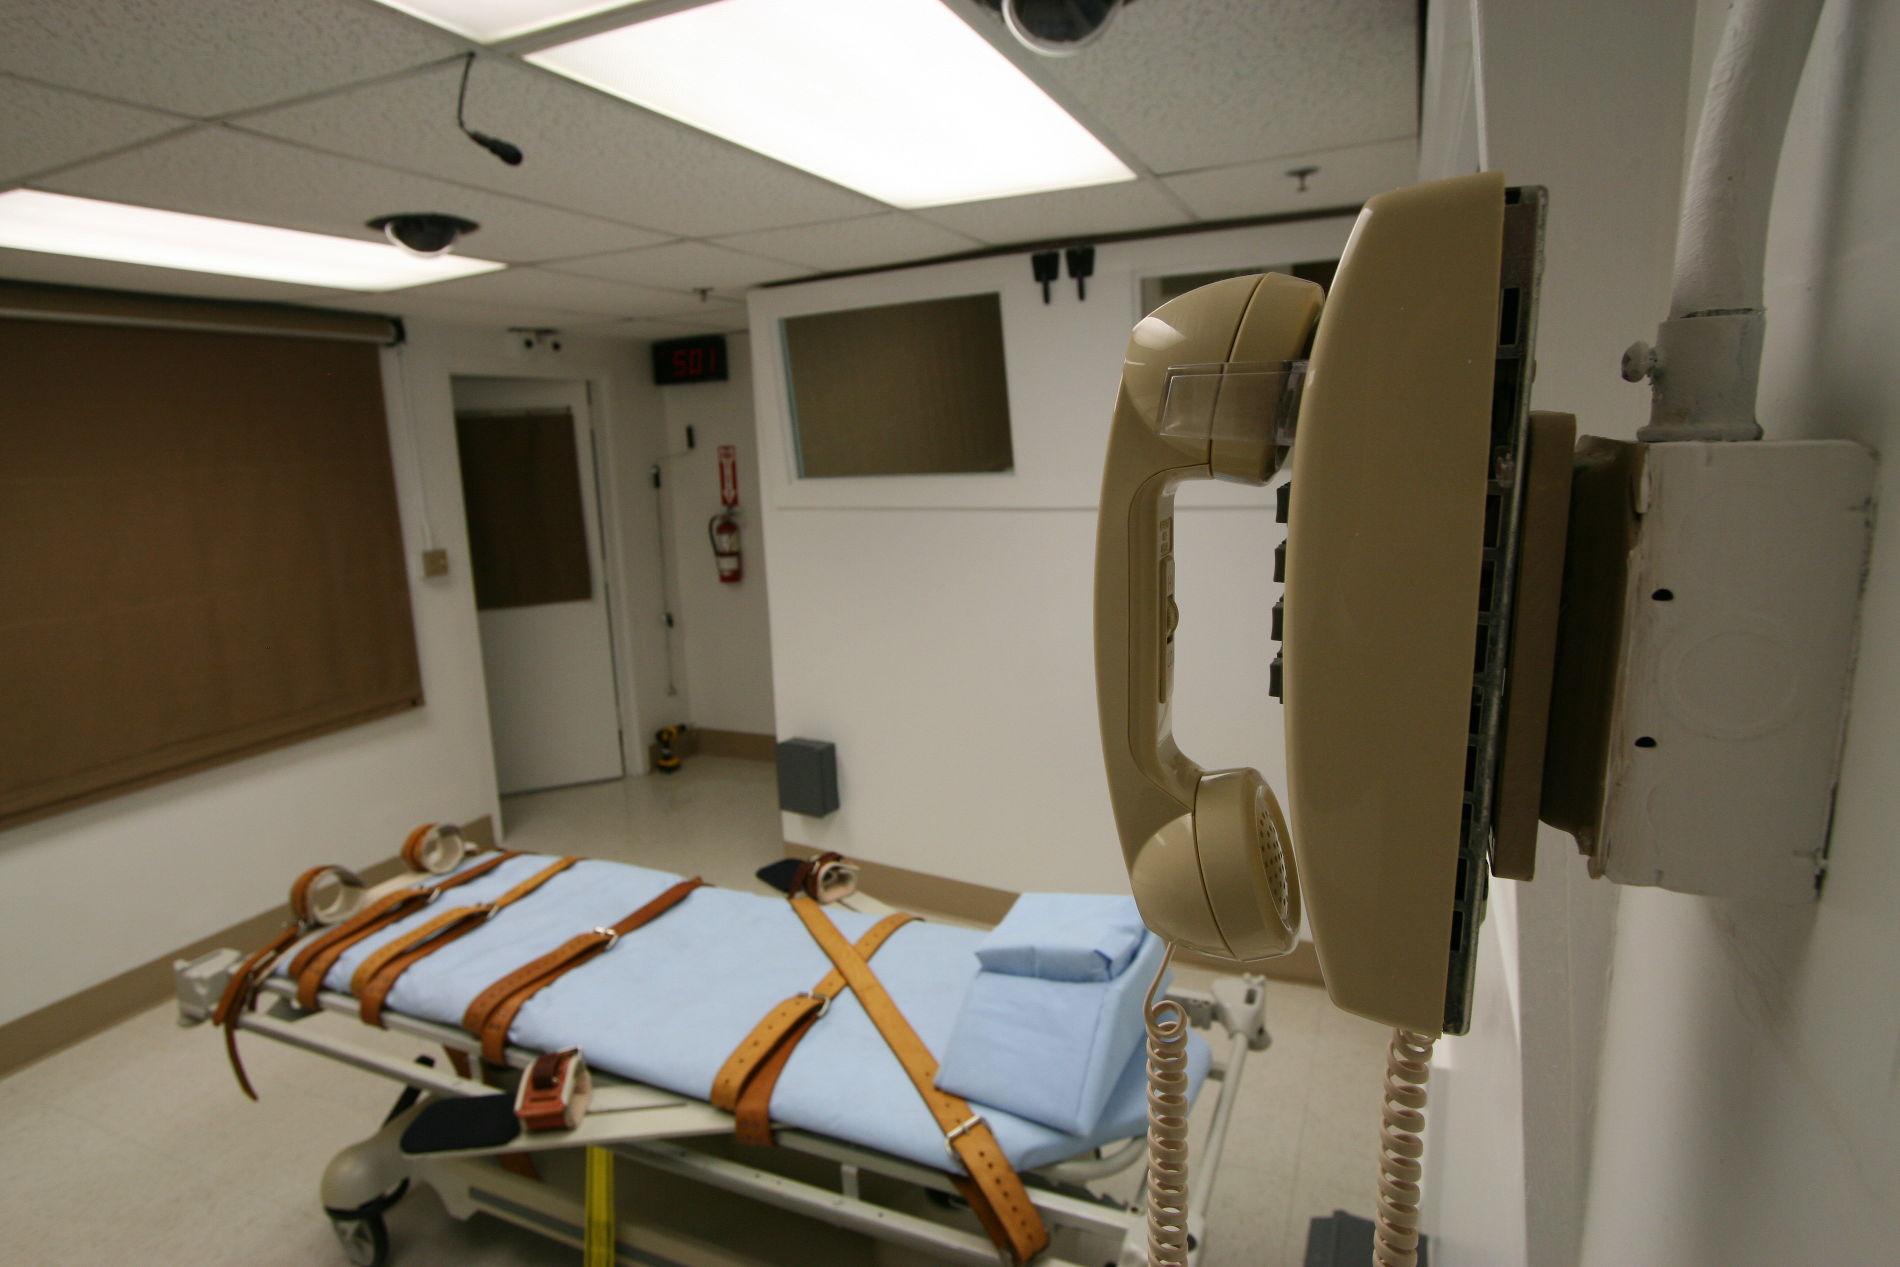 Комната для смертельных инъекций в тюрьме штата Флорида ©Фото с сайта wikimedia.org